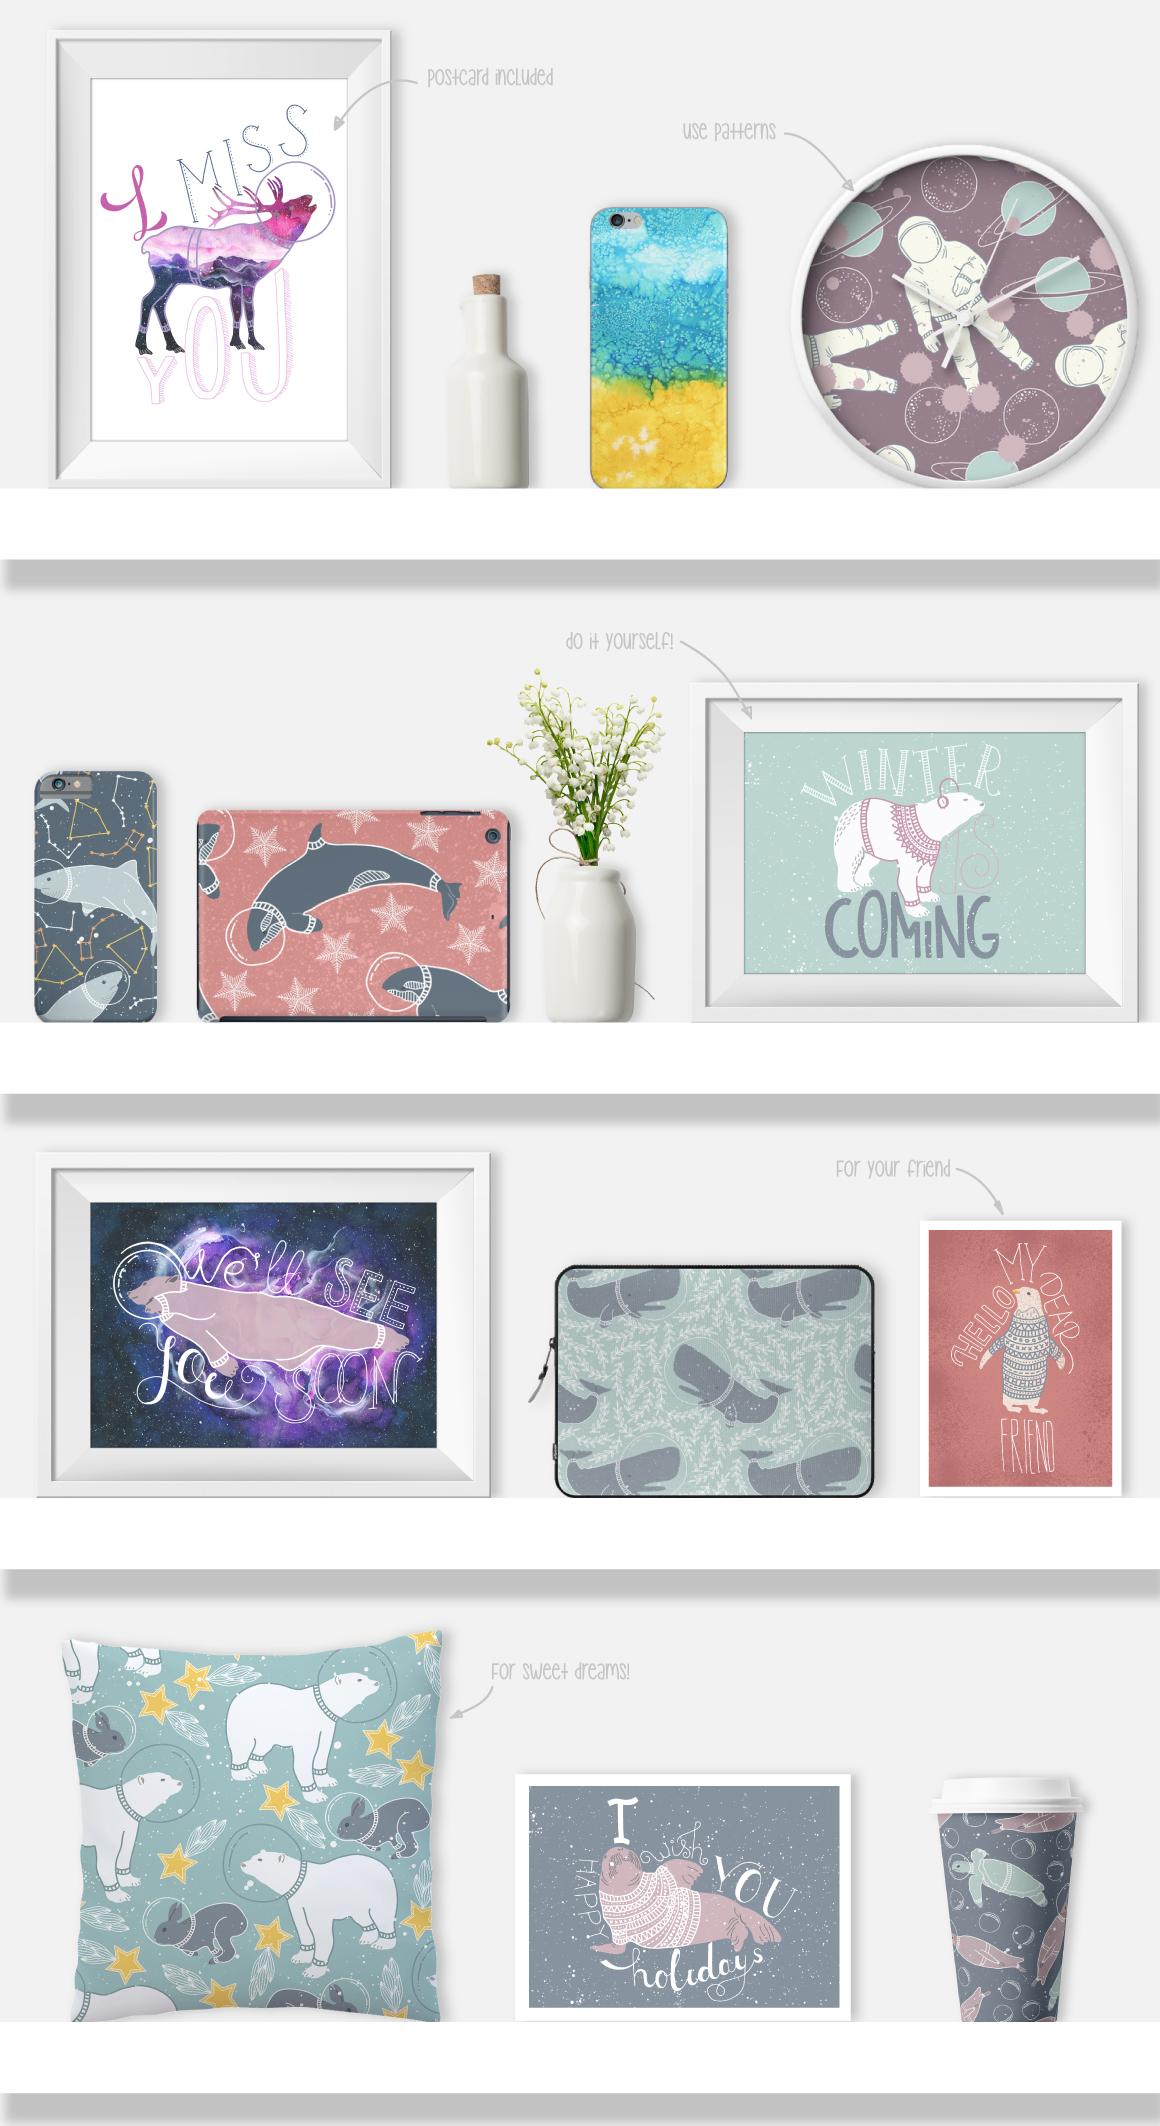 北极熊&抽象空间元素装饰图案素材集 Arctic Space Collection插图(5)